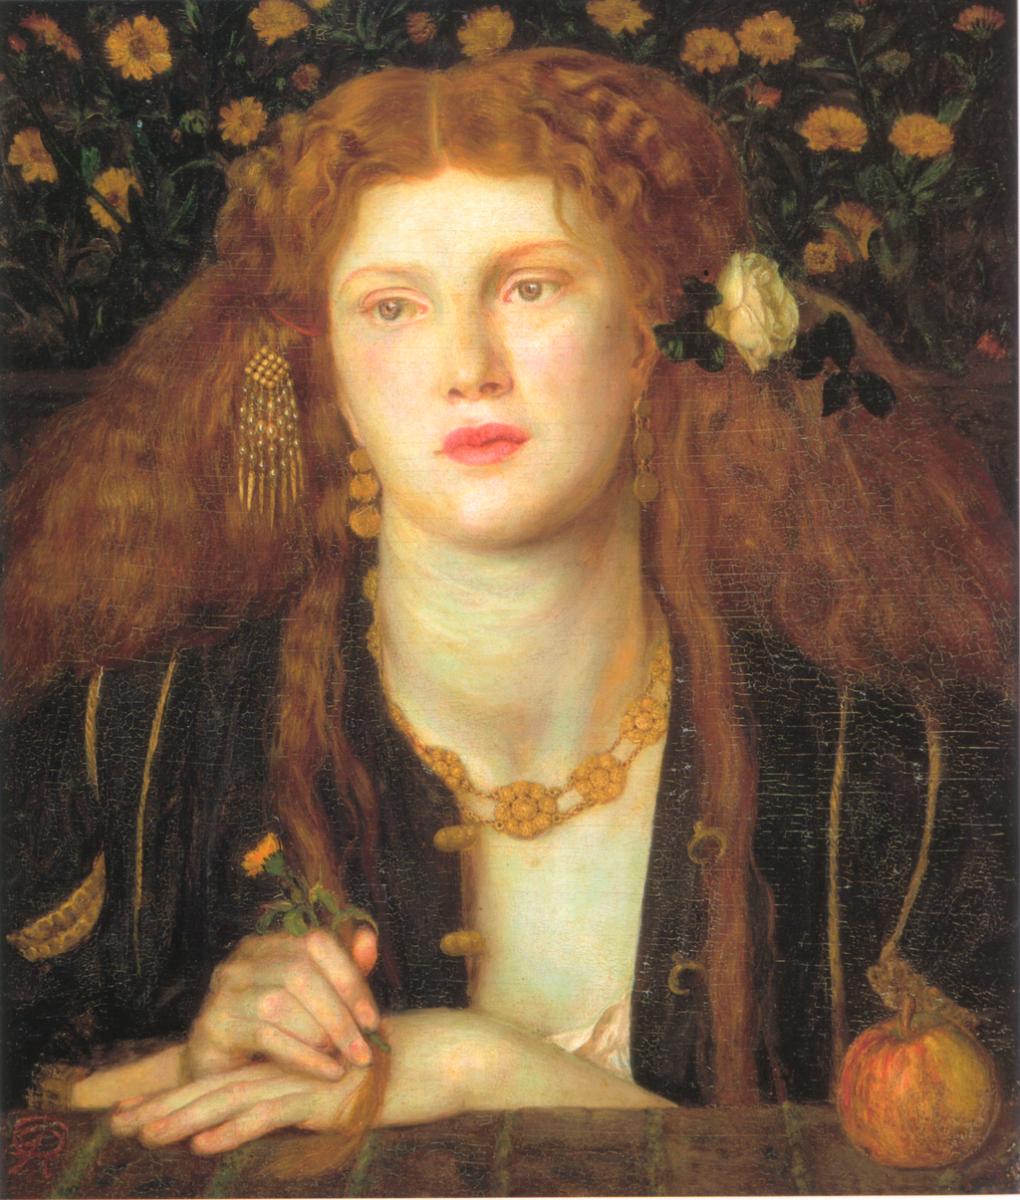 Bocca Baciata (1859) by Dante Gabriel Rossetti. (Model: Fanny Cornforth)